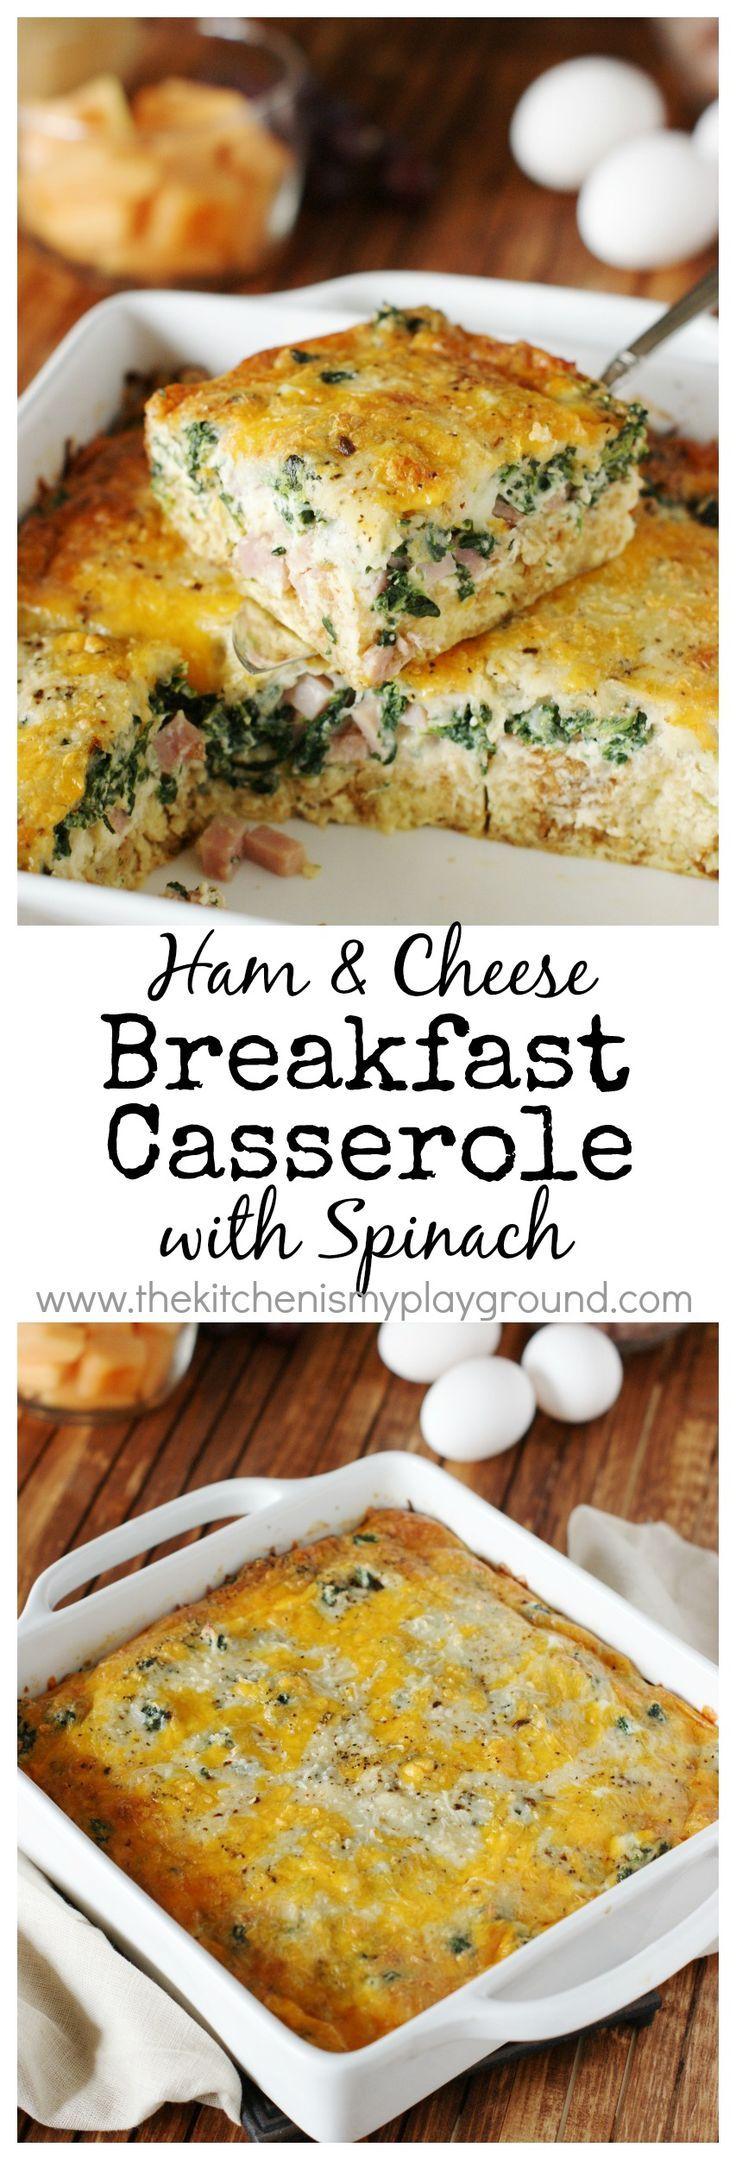 Ham & Cheese Breakfast Casserole with Spinach ~   www.thekitchenismyplayground.com